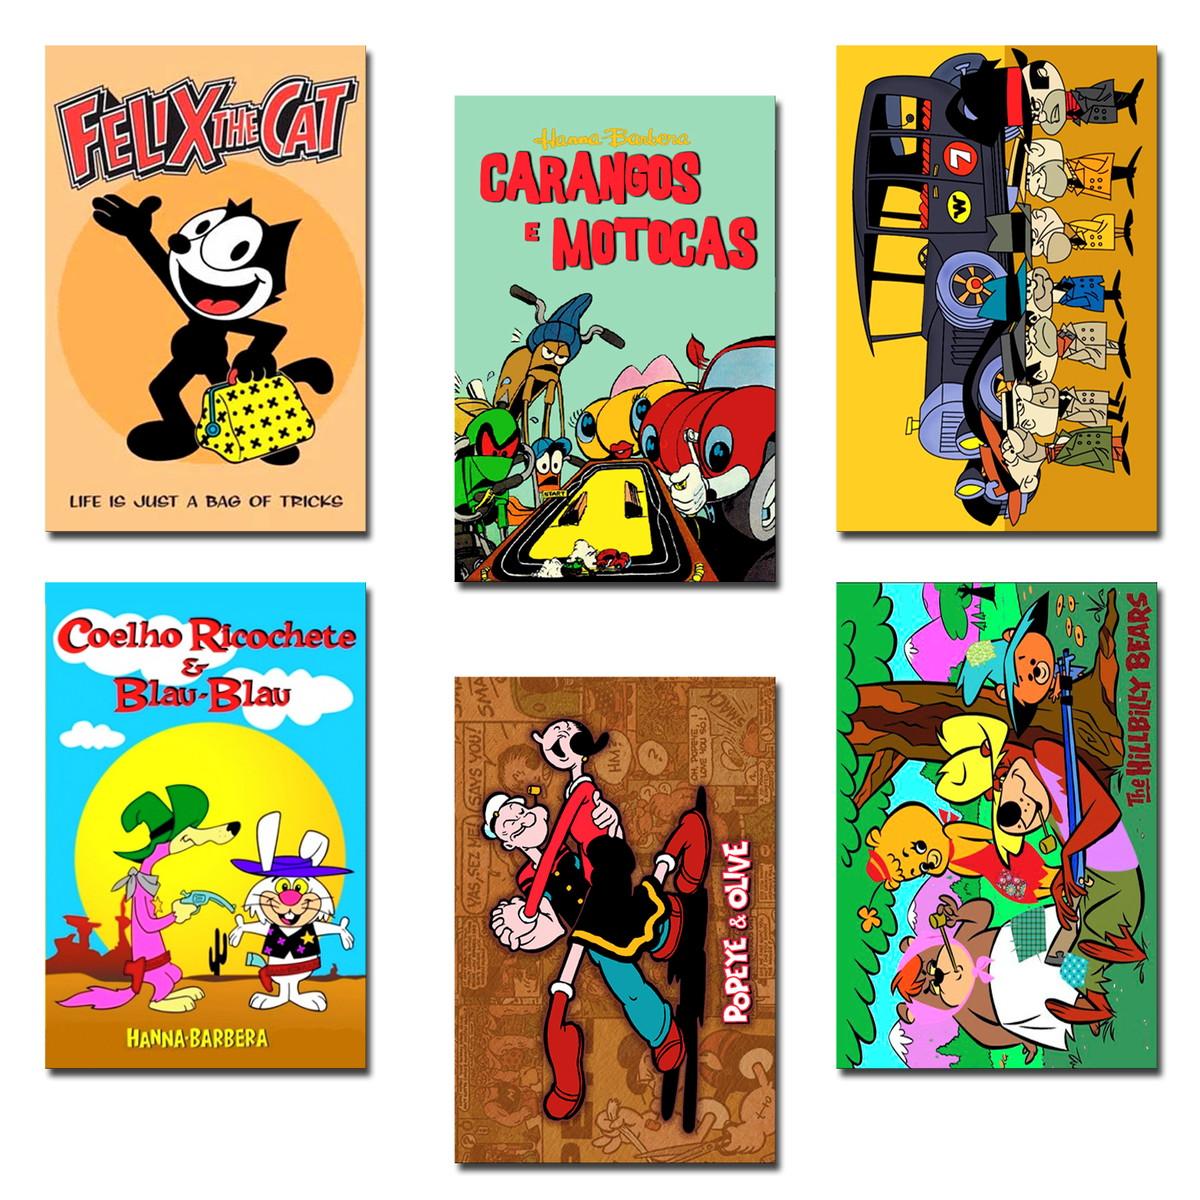 Imas Legais Desenhos Animados Antigos 03 No Elo7 Manganeticos 129de46